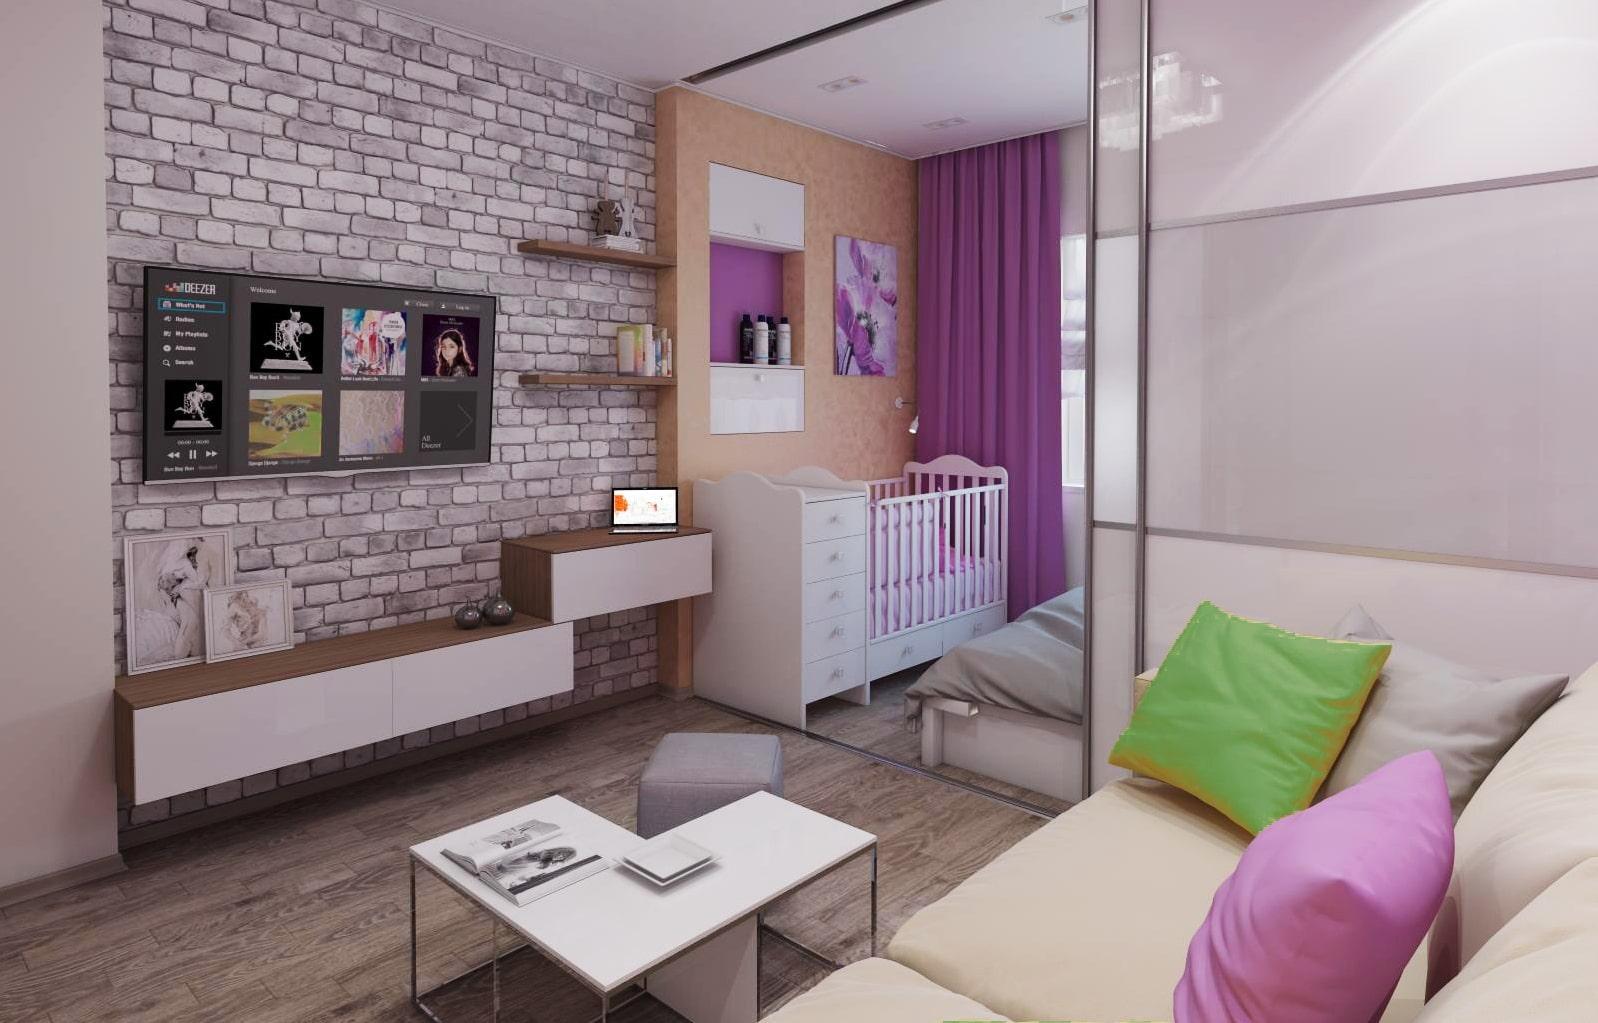 детская в квартире студии 30 кв м